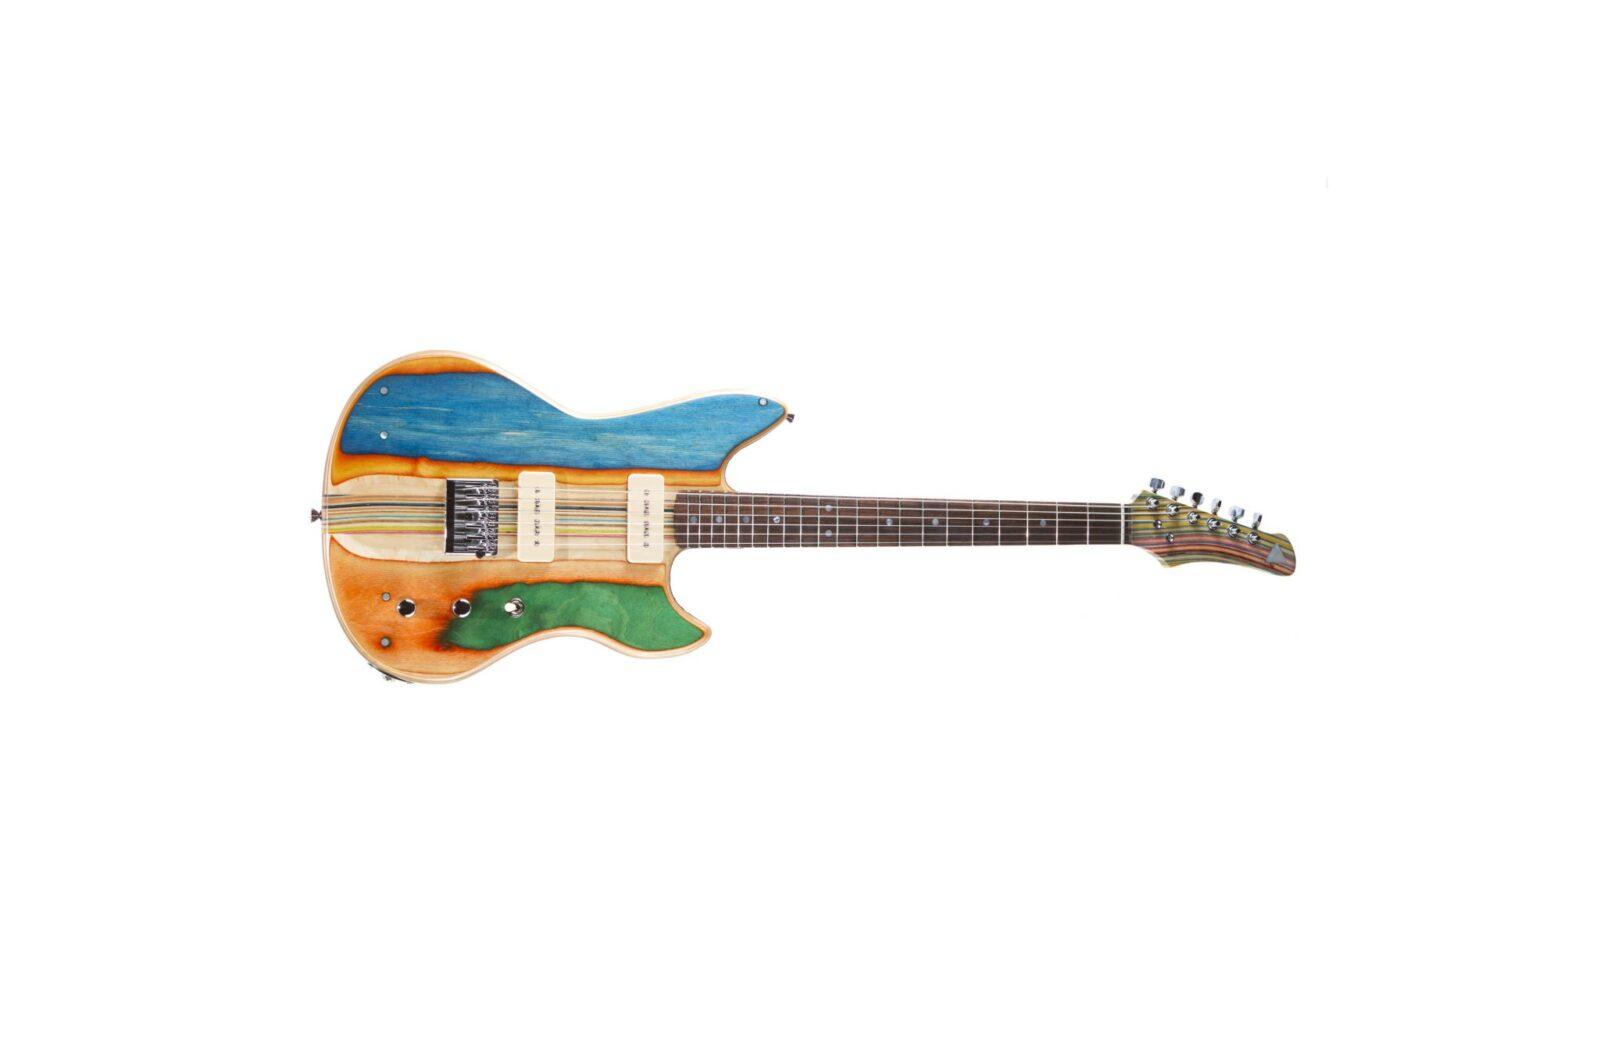 Prisma Skateboard Guitars 5 1600x1037 - Prisma Skateboard Guitars